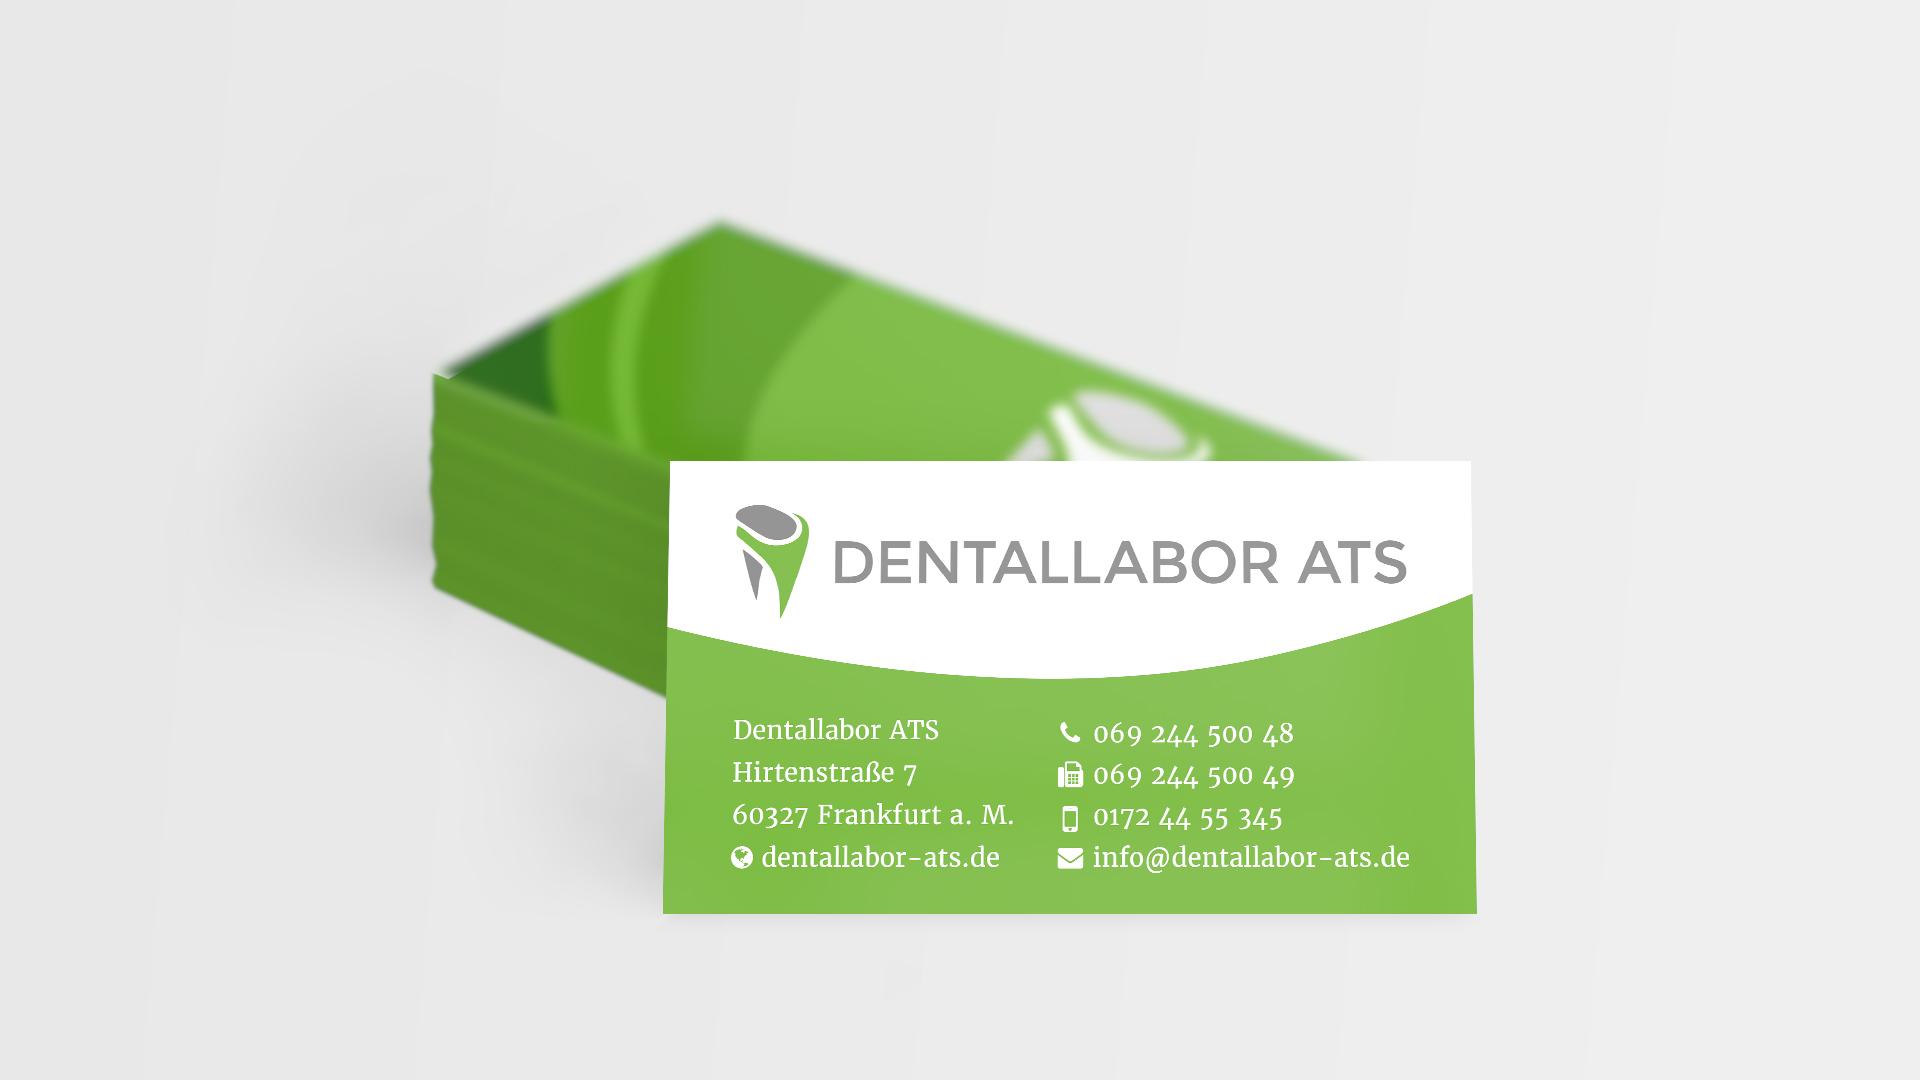 Dentallabor ATS | Dentaltechnik in Frankfurt am Main